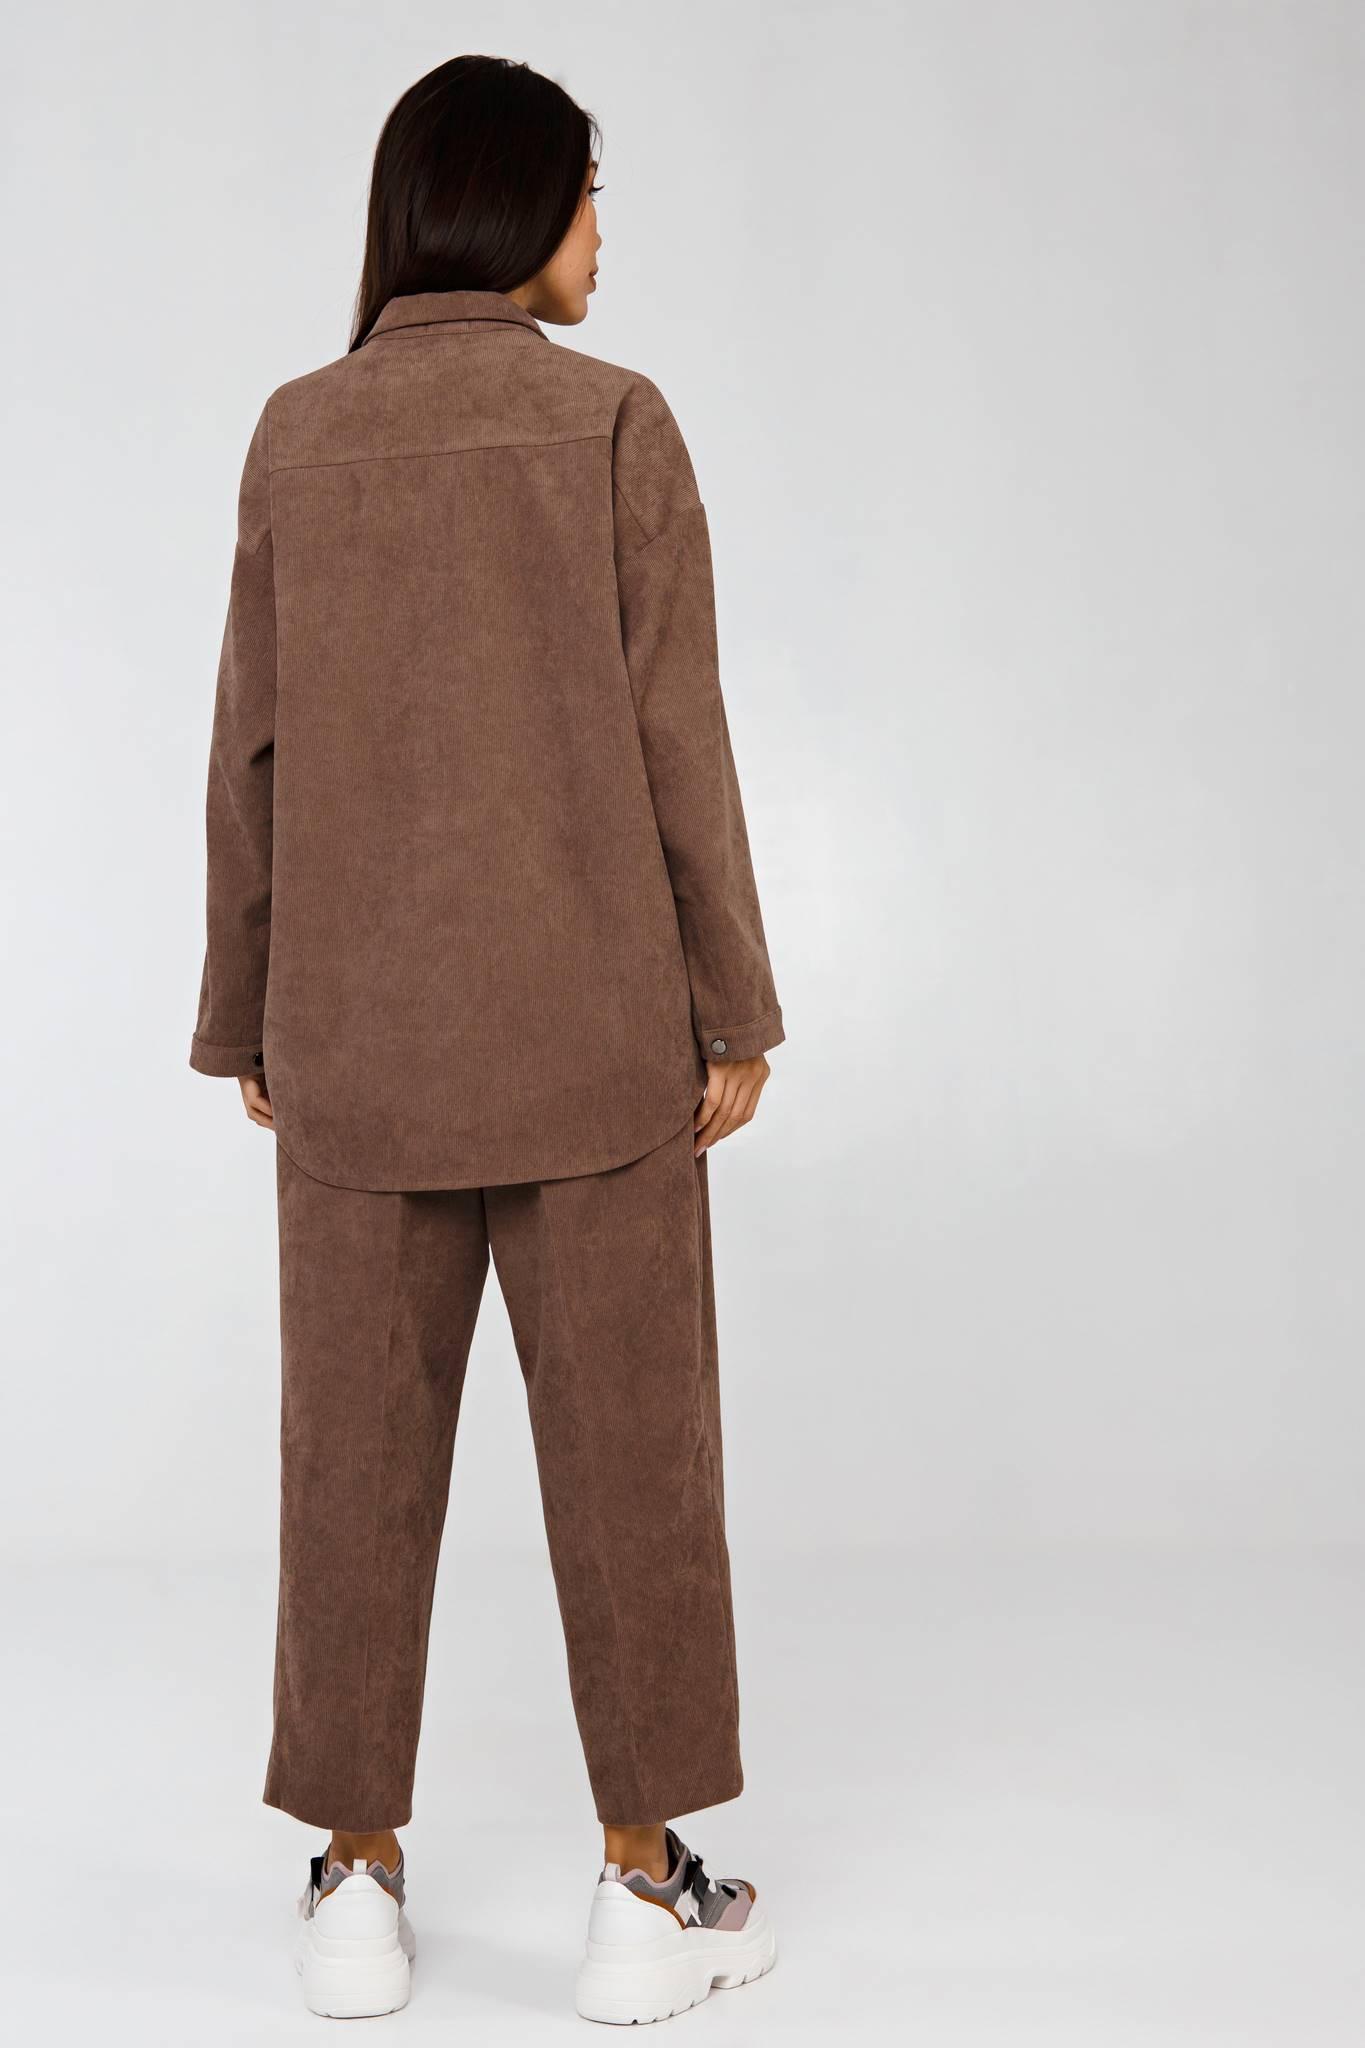 Вельветовый костюм в рубчик пепельный беж YOS